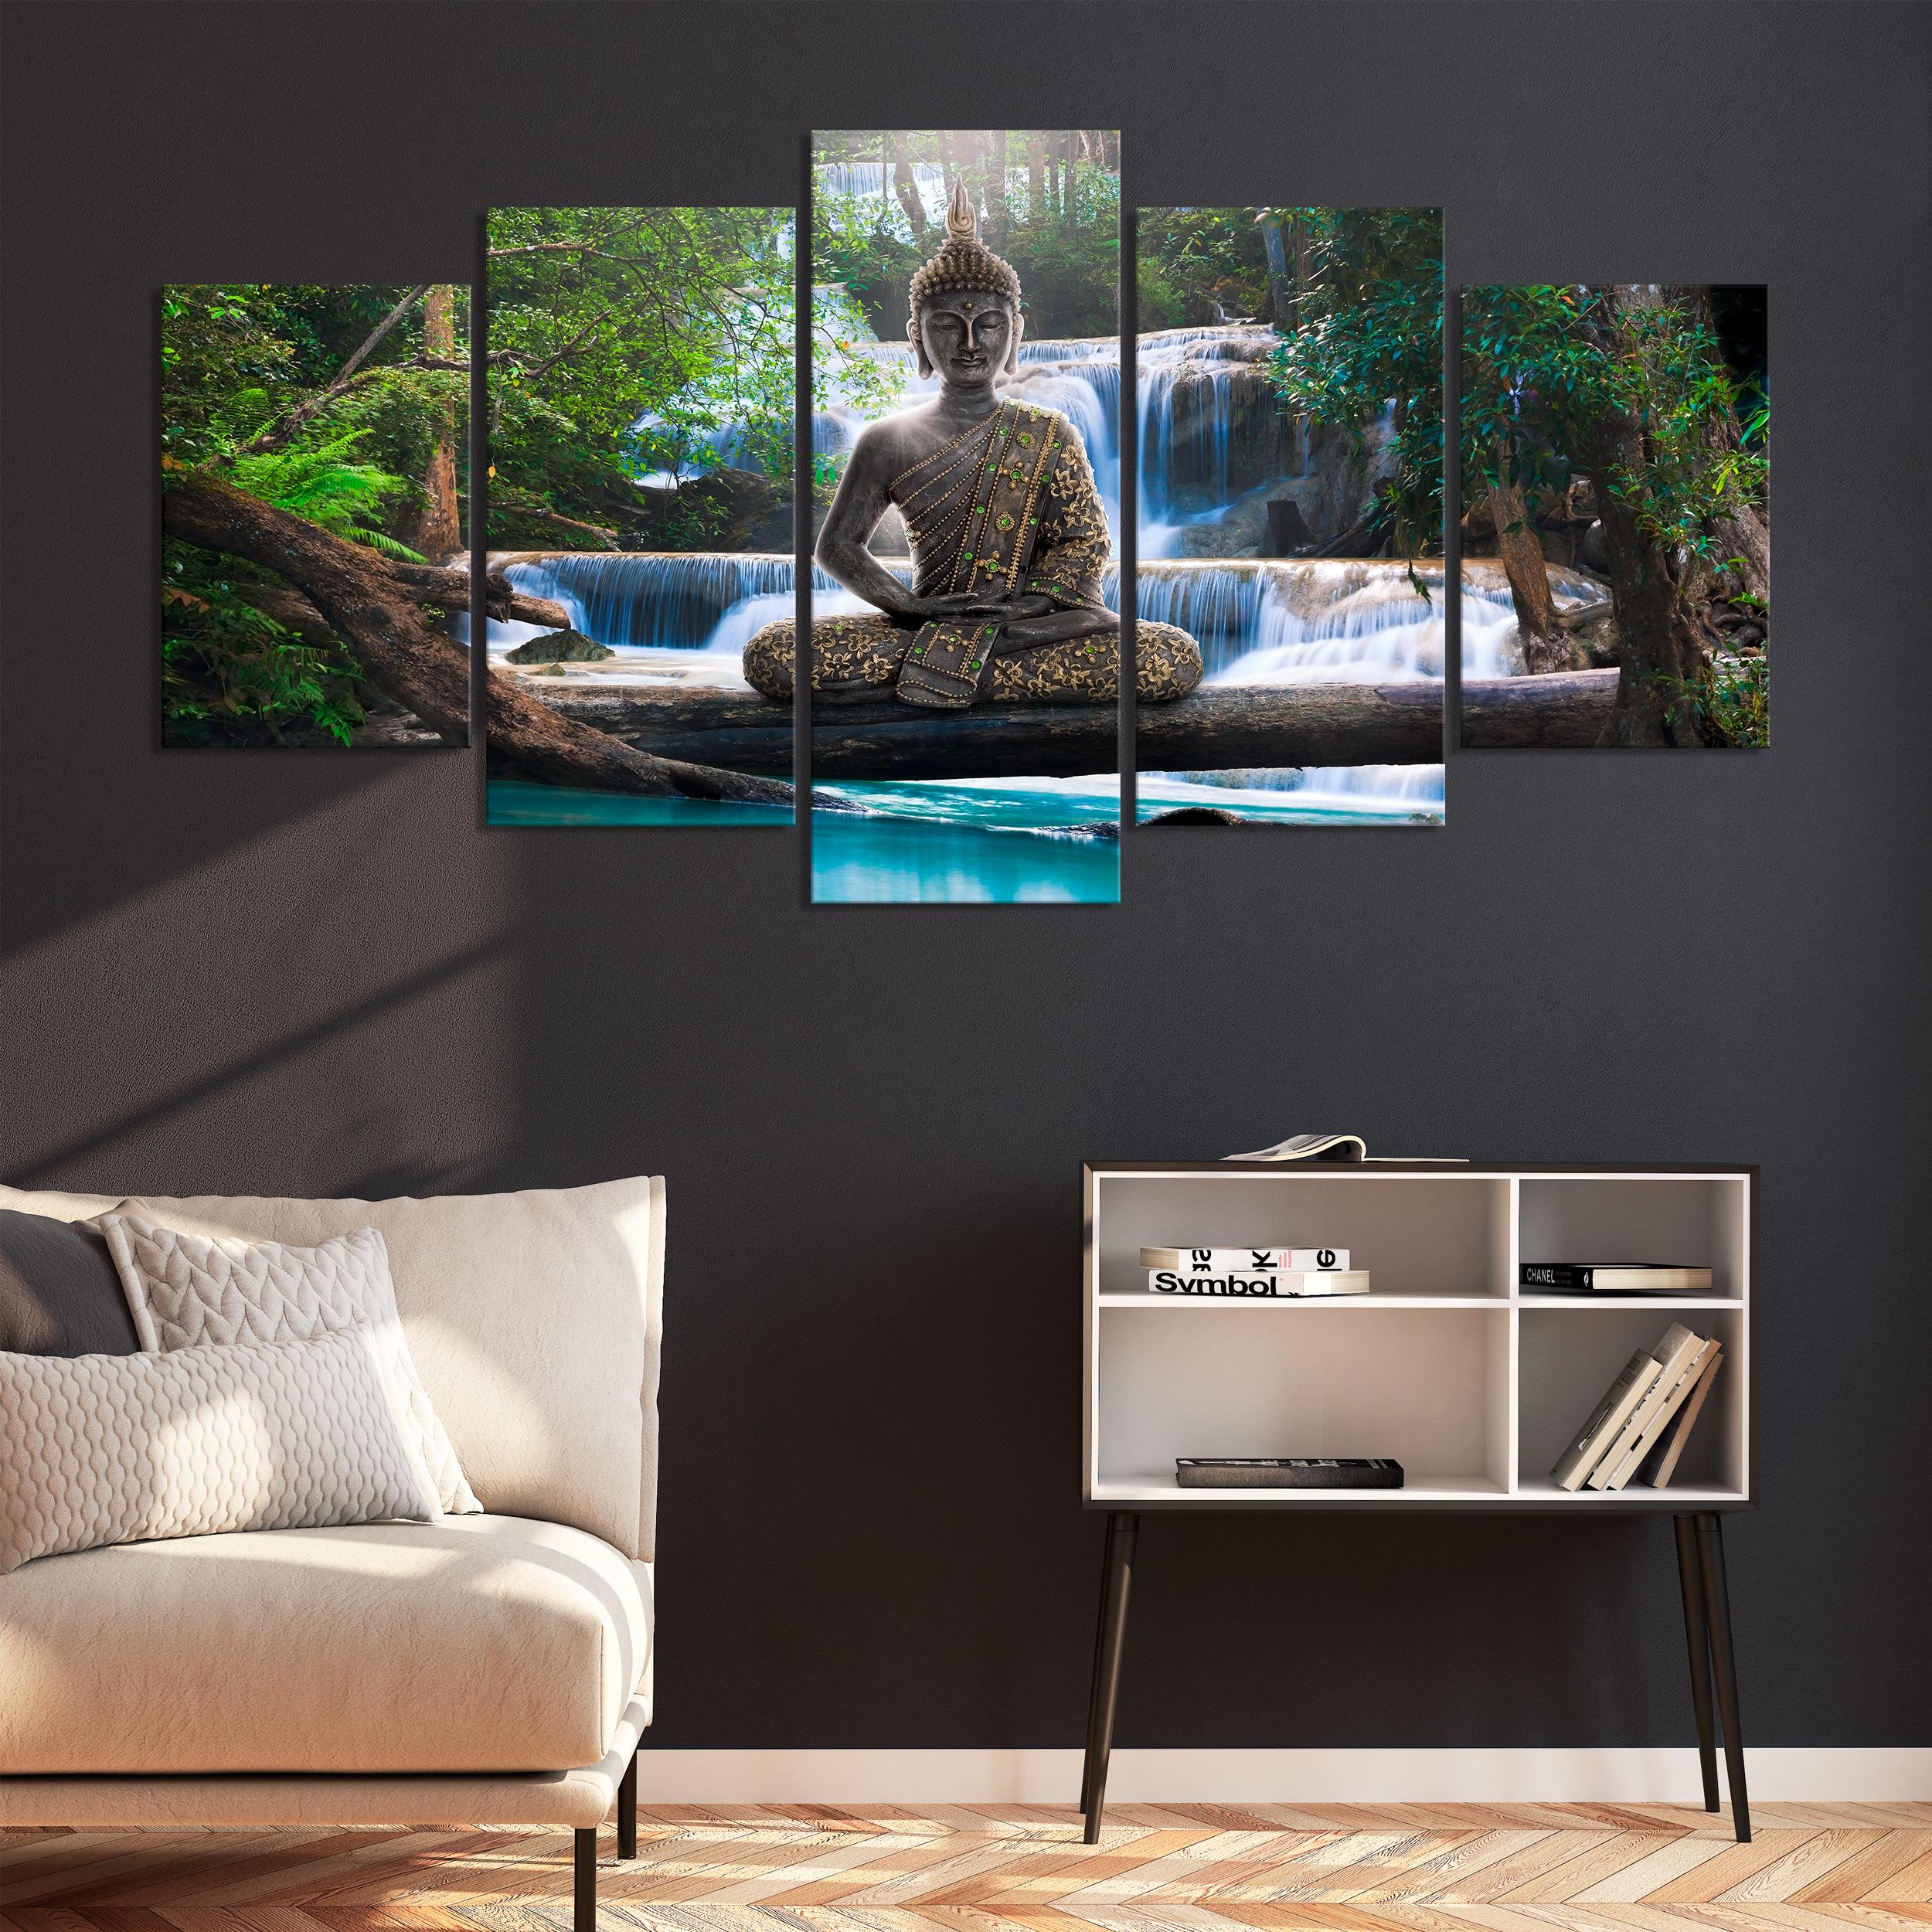 Details zu LEINWAND DEKO BILDER Buddha Asia Orient WANDBILD XXL Wohnzimmer  Natur KUNSTDRUCK